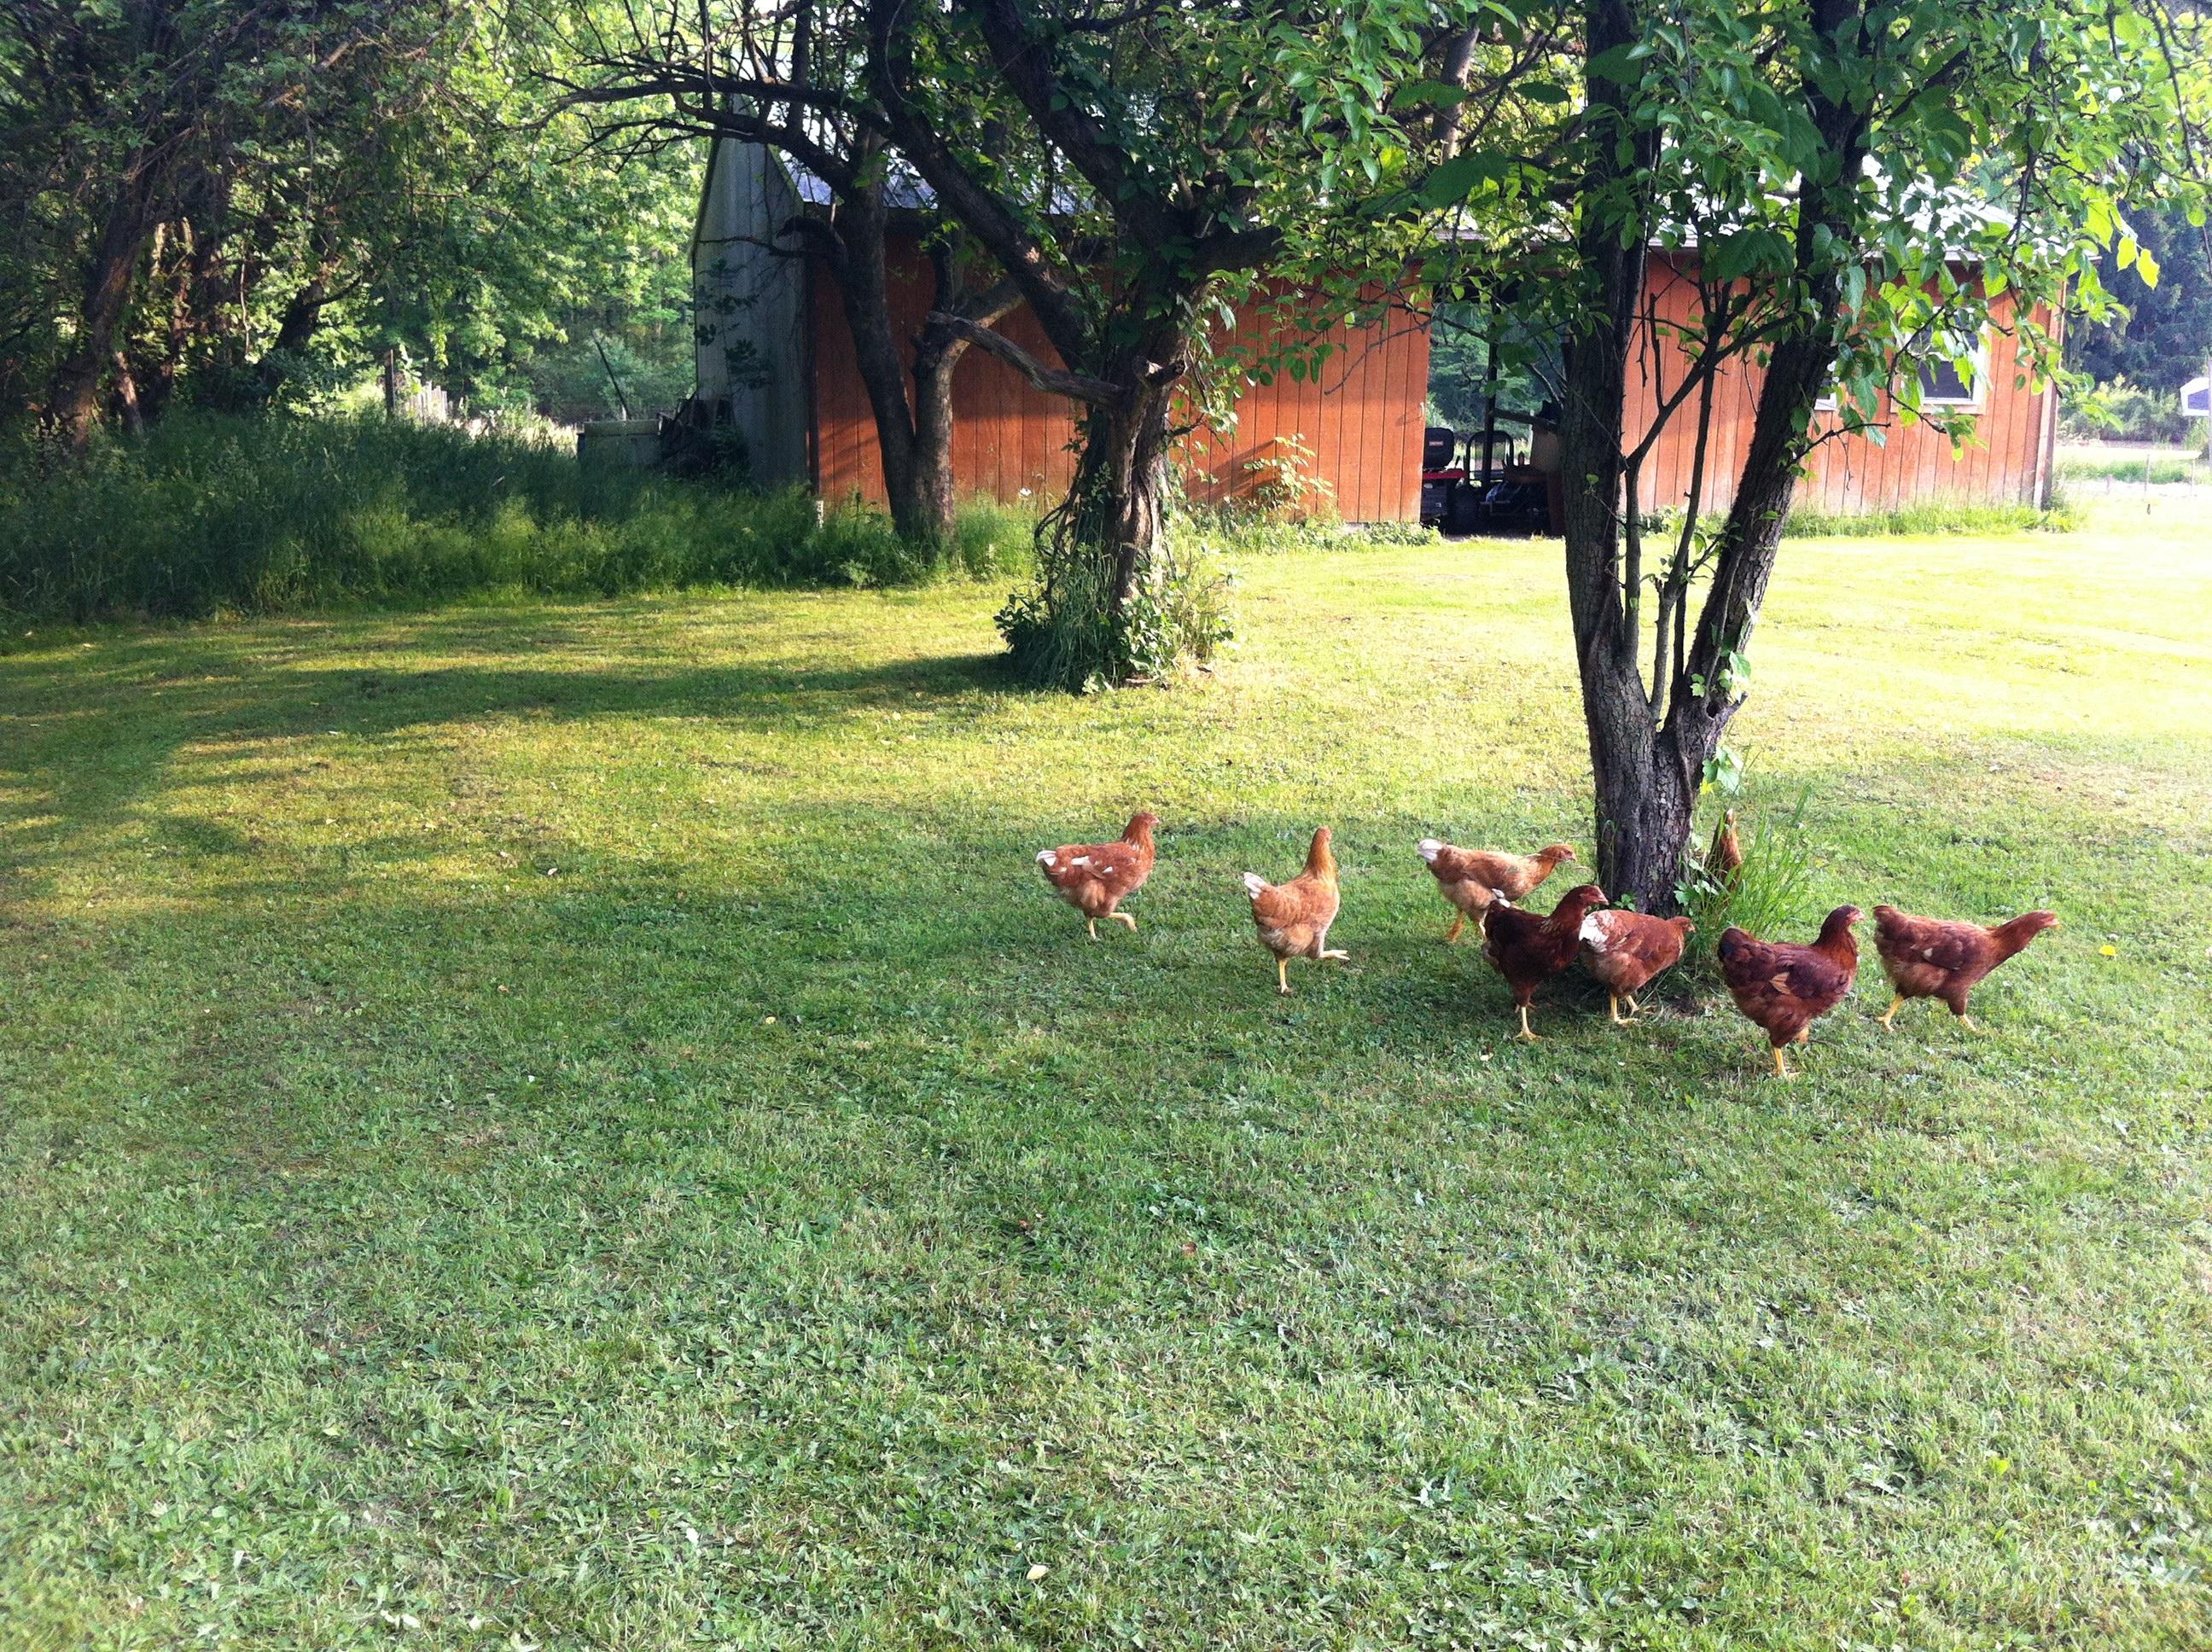 hens chickens free range two barn farm